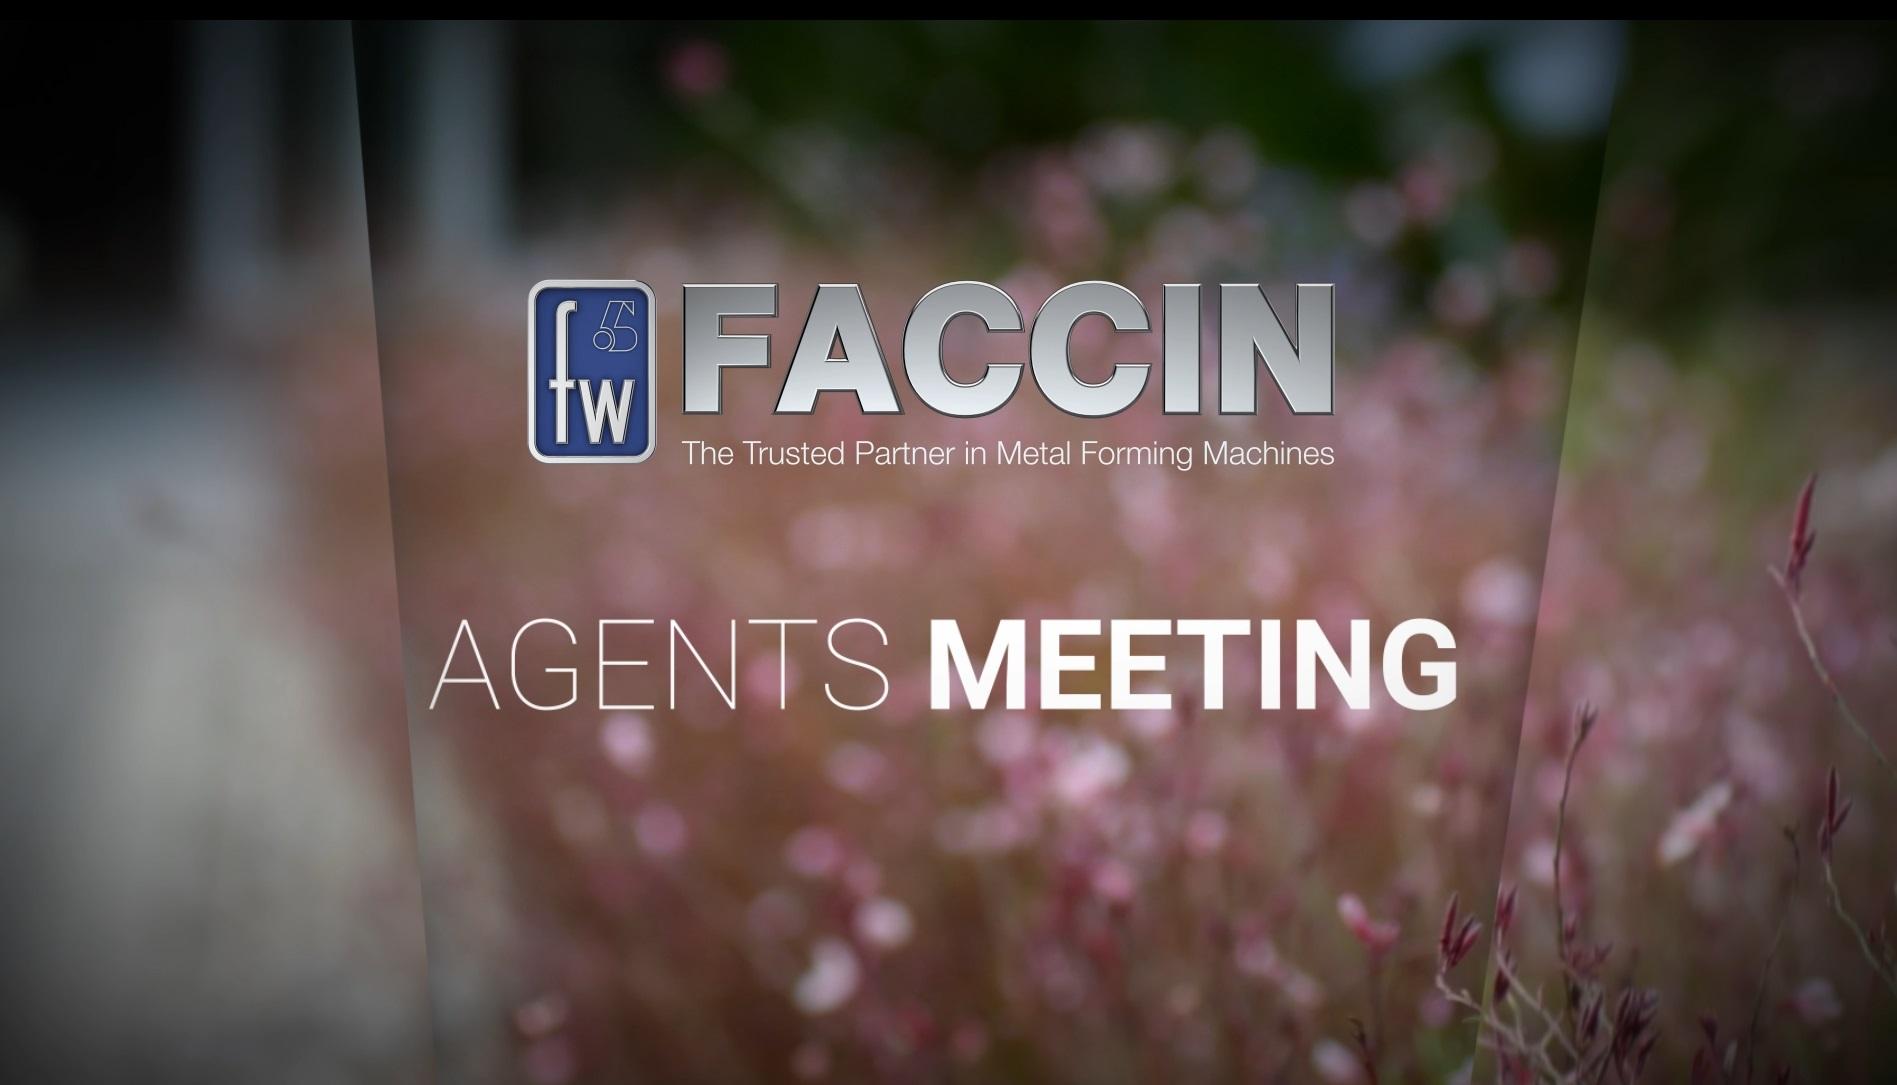 Faccin International Agents Meeting 2017